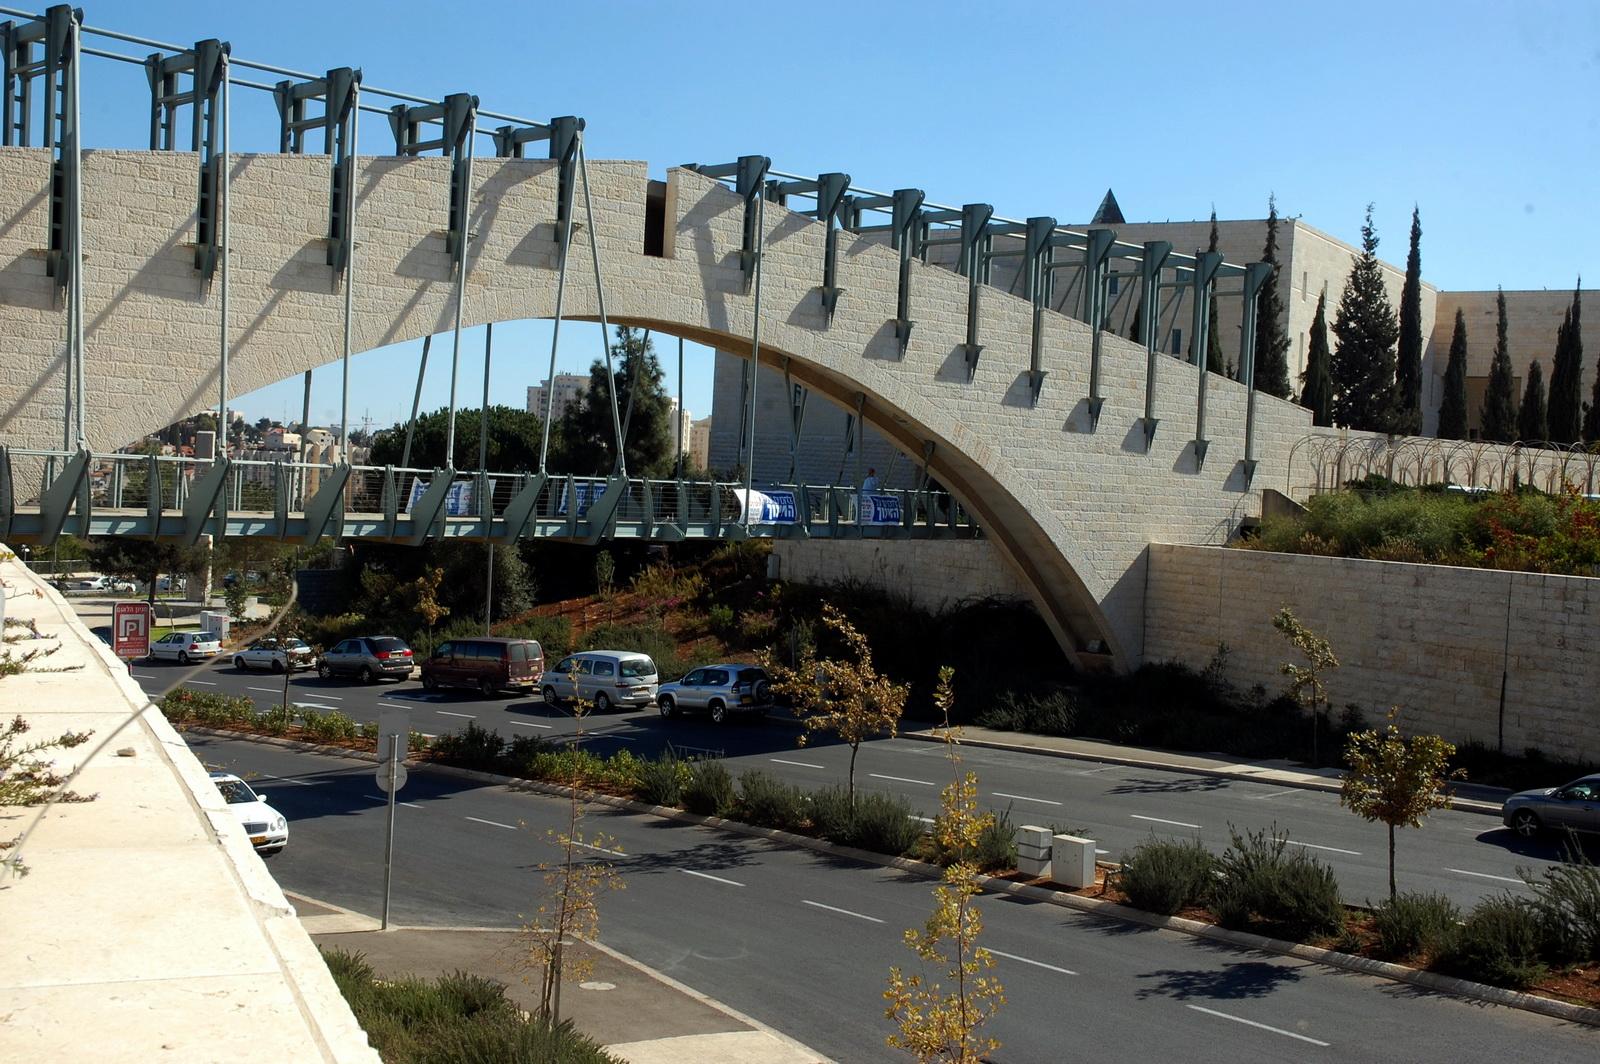 גשר הולכי הרגל לבית המשפט